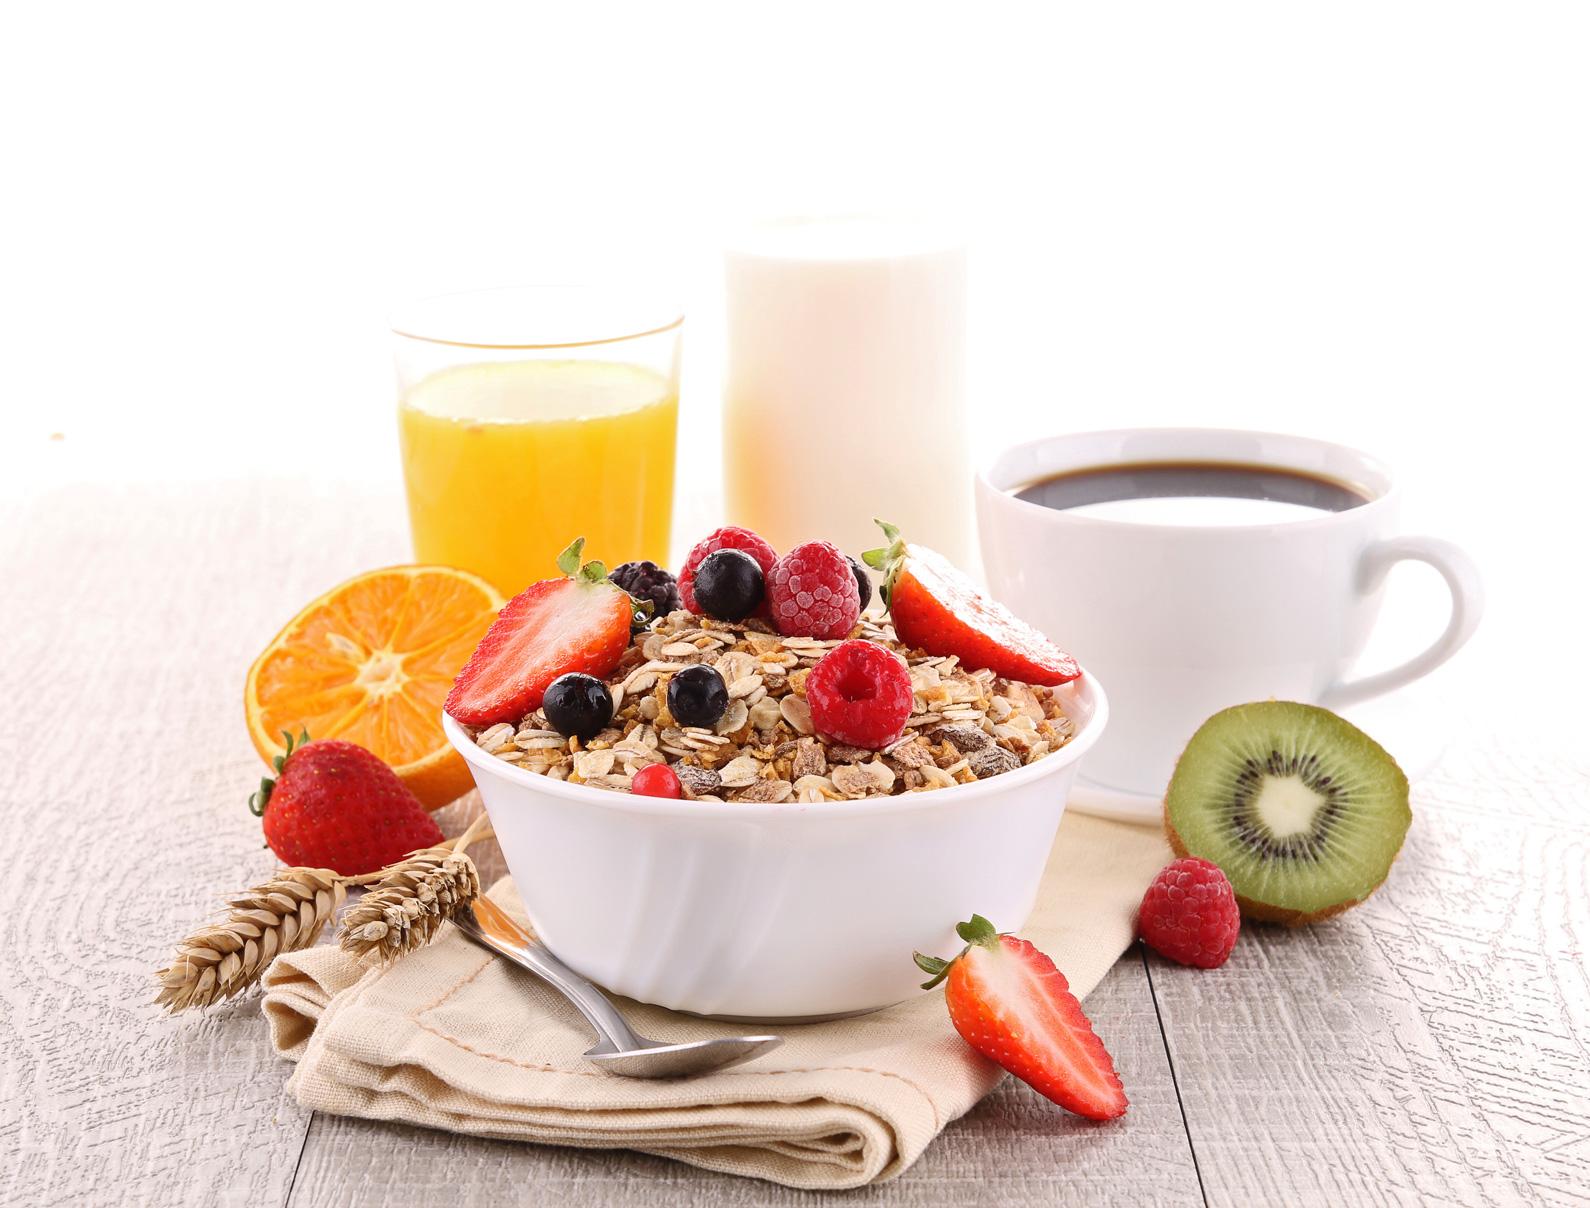 Les graisses s'accumulent facilement au niveau du ventre, notamment à cause du mode d'alimentation et du manque d'activité physique.